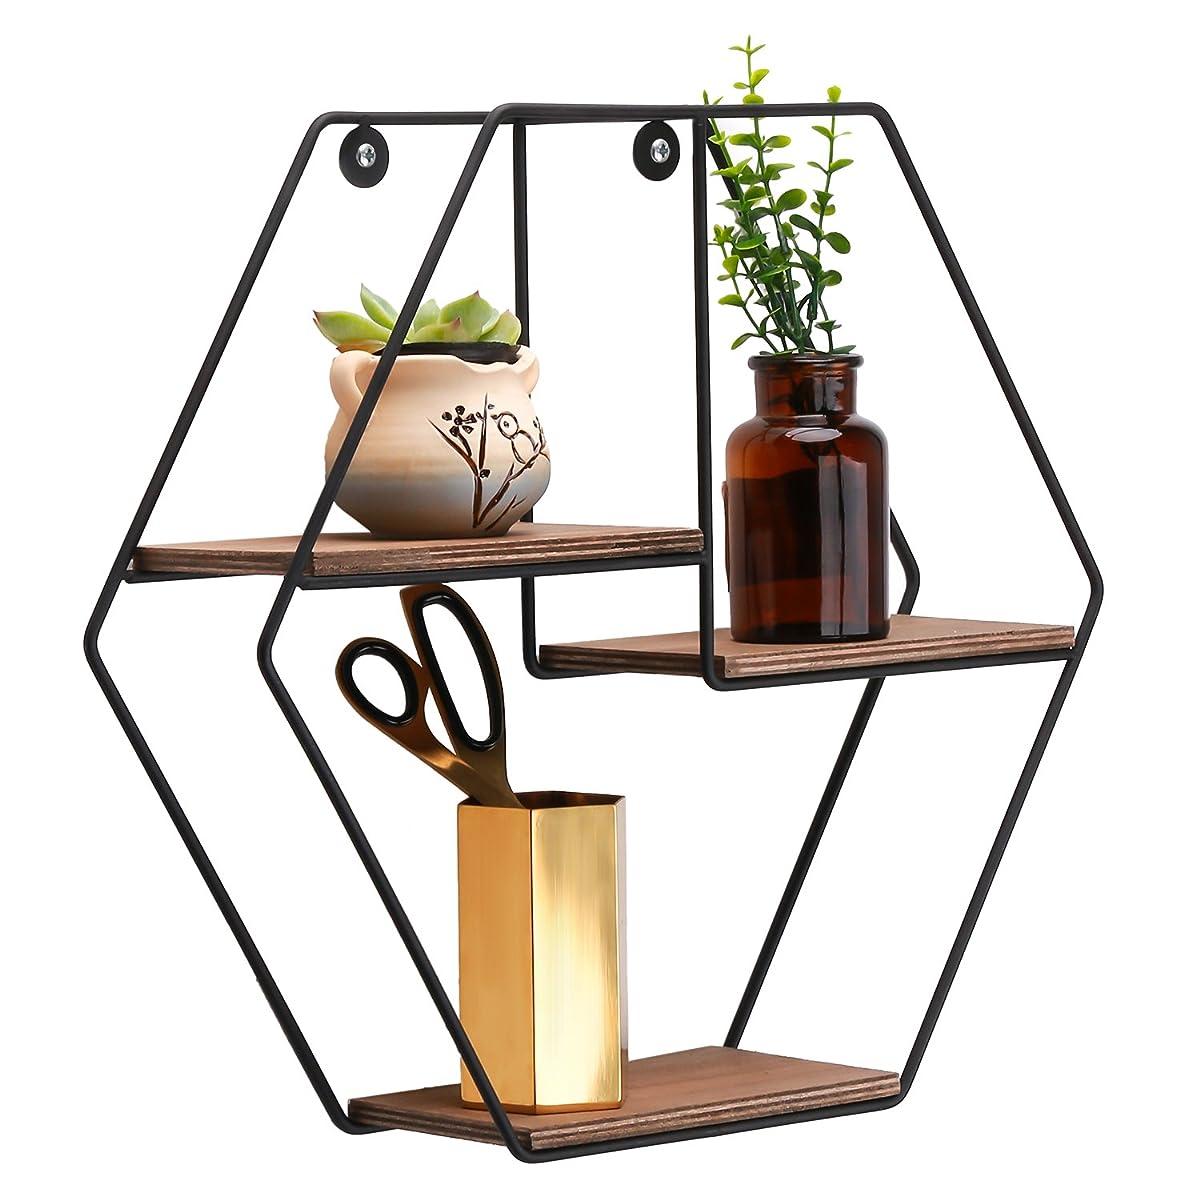 Kufox Hexagon Industrial Decorative Hexagon Metal Frame 2-Tier Wooden Floating Shelf